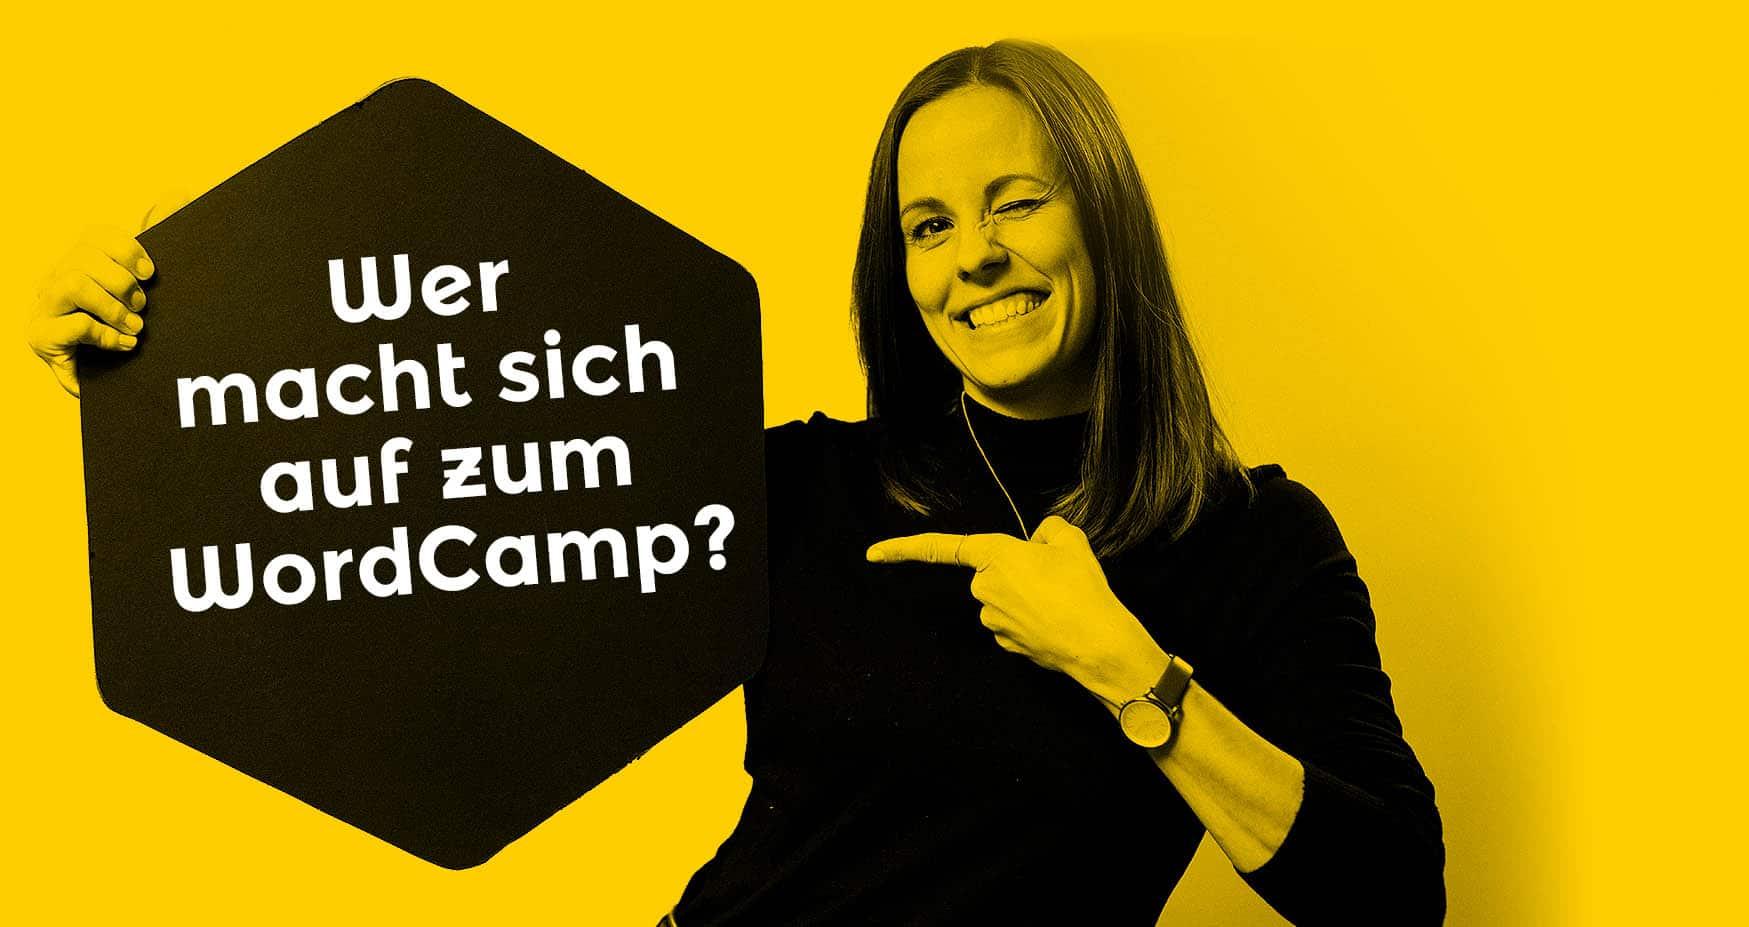 Das WordCamp Design für Osnabrück ist herausstechend